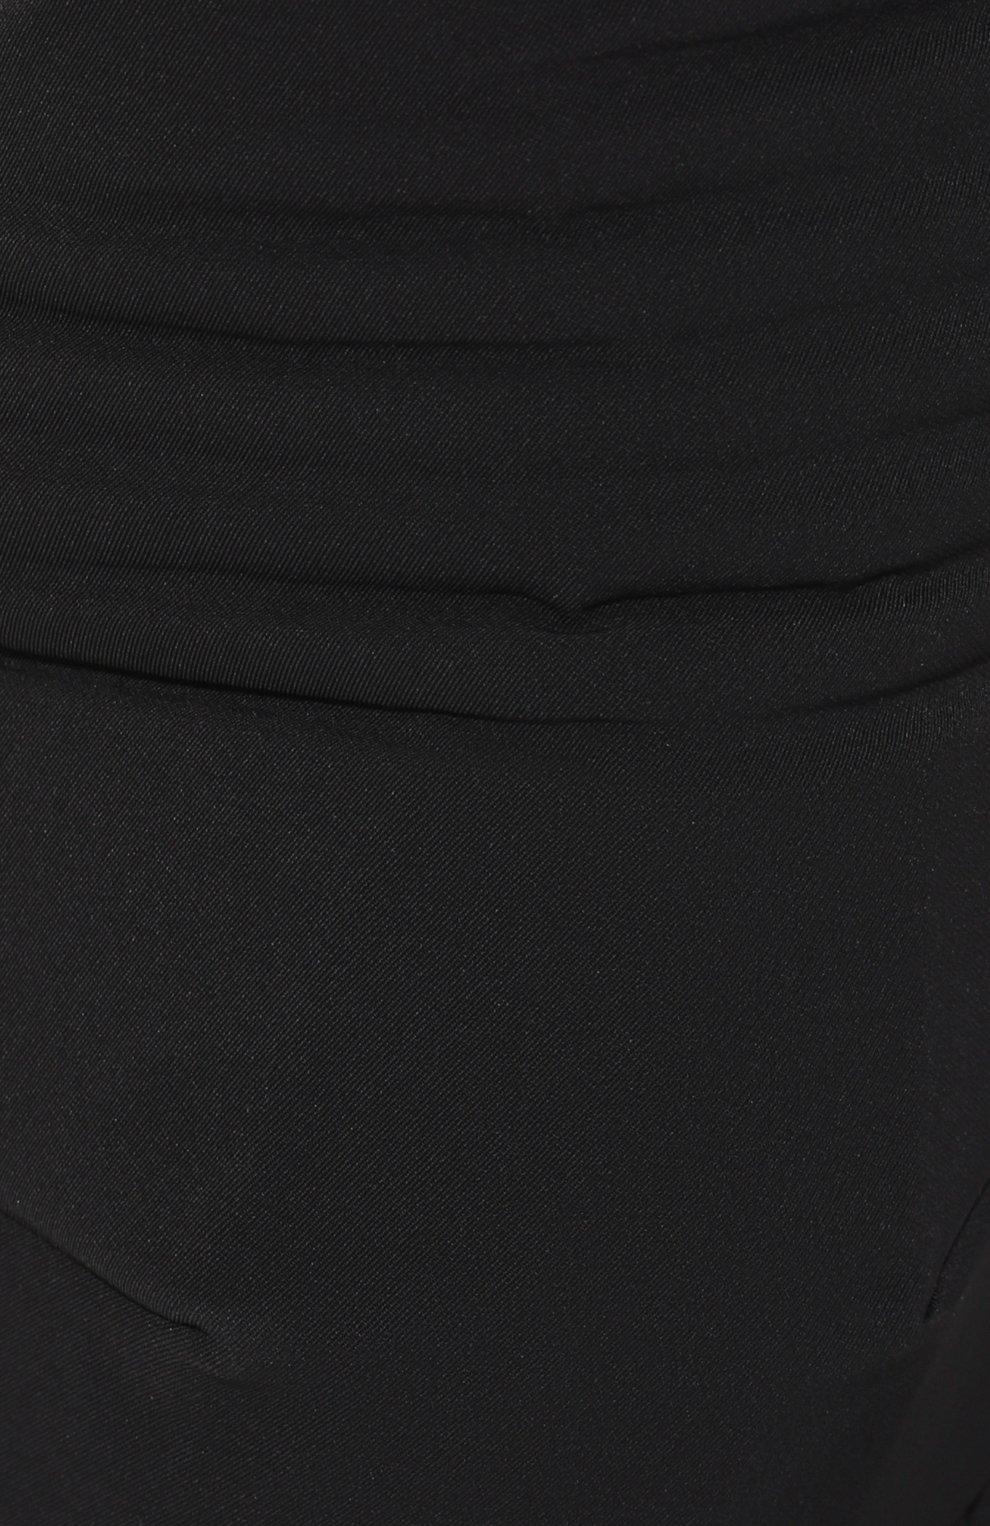 Мужские брюки BOTTEGA VENETA черного цвета, арт. 595830/VA5S0   Фото 5 (Длина (брюки, джинсы): Стандартные; Случай: Повседневный; Материал внешний: Синтетический материал; Материал подклада: Вискоза; Стили: Минимализм)